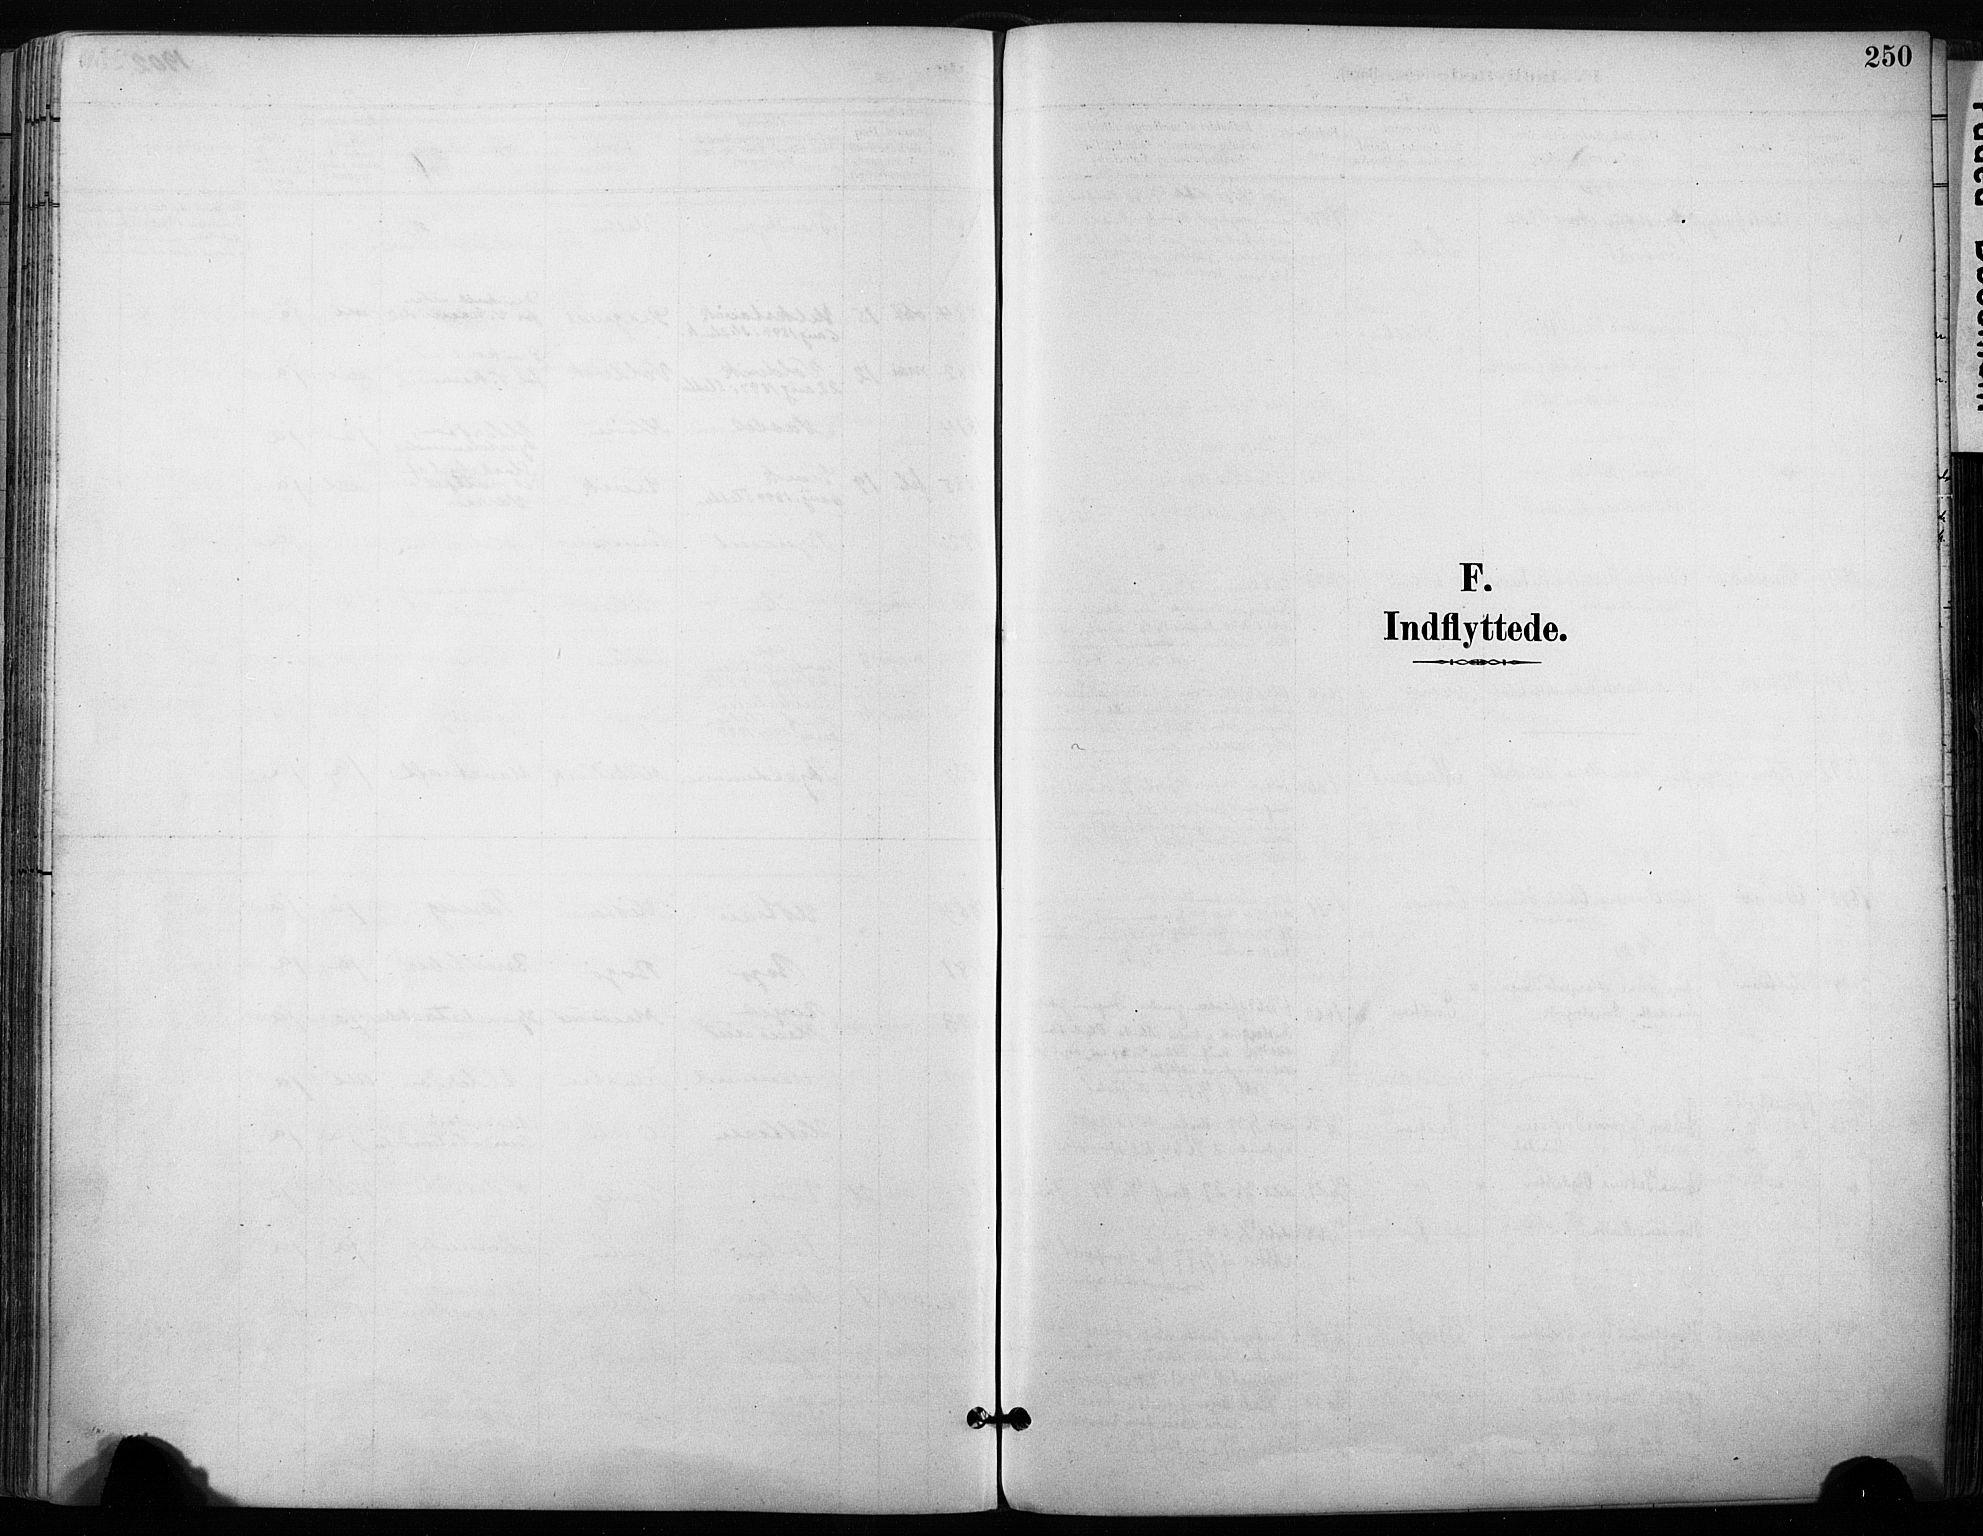 SAT, Ministerialprotokoller, klokkerbøker og fødselsregistre - Sør-Trøndelag, 640/L0579: Ministerialbok nr. 640A04, 1889-1902, s. 250